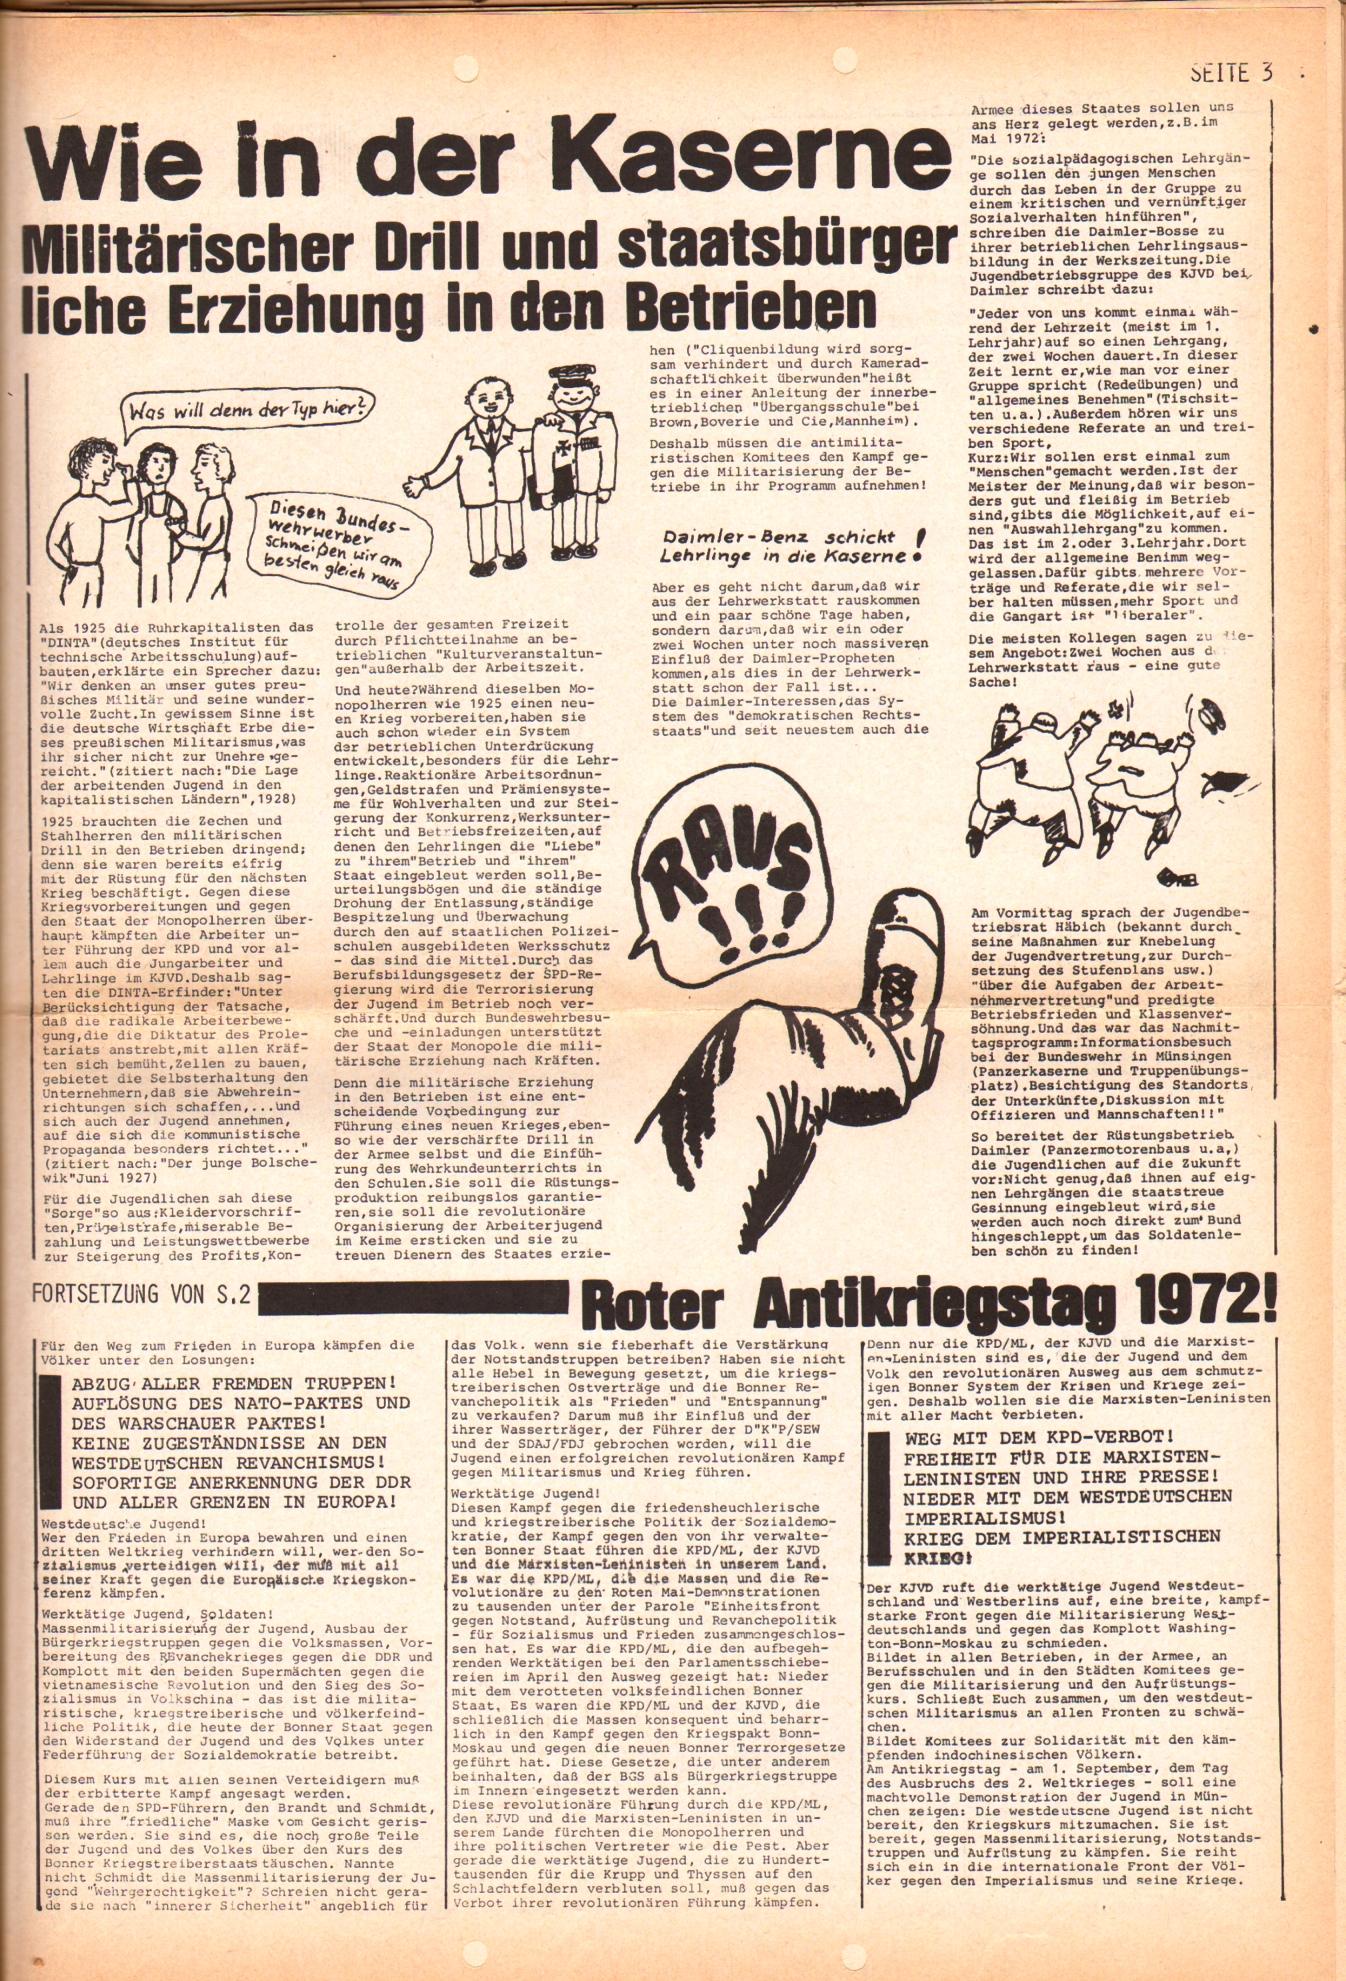 KJVD_KDAJ_1972_06_Extra_03